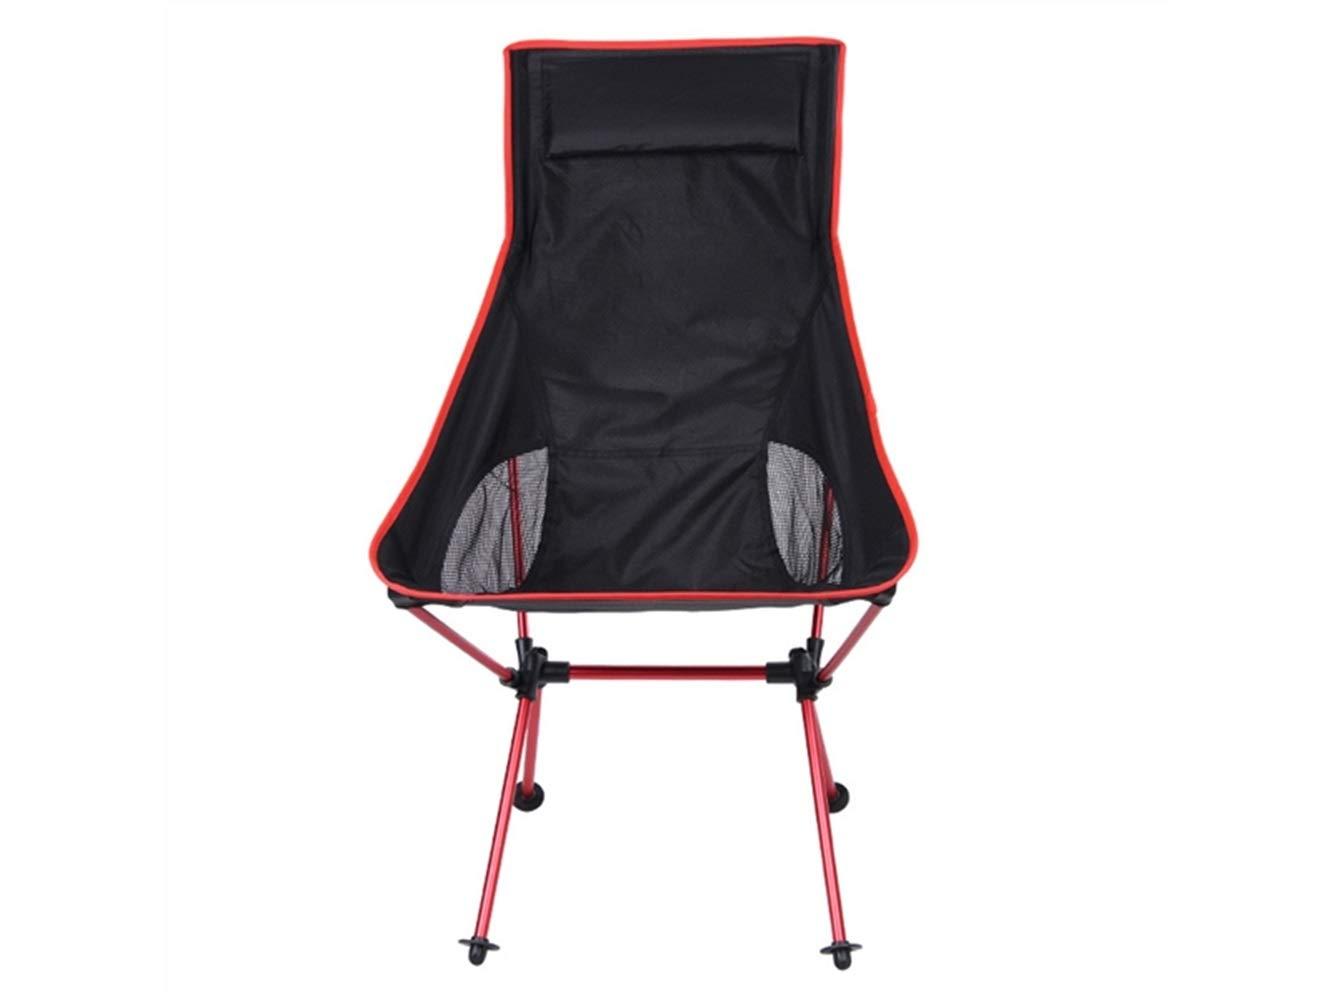 LMKIJN Bequemer Stuhl Outdoor-Klapp Angeln Stuhl Liege Camping Stuhl Strand Liege für Camping und Angeln (rot) für den Urlaub